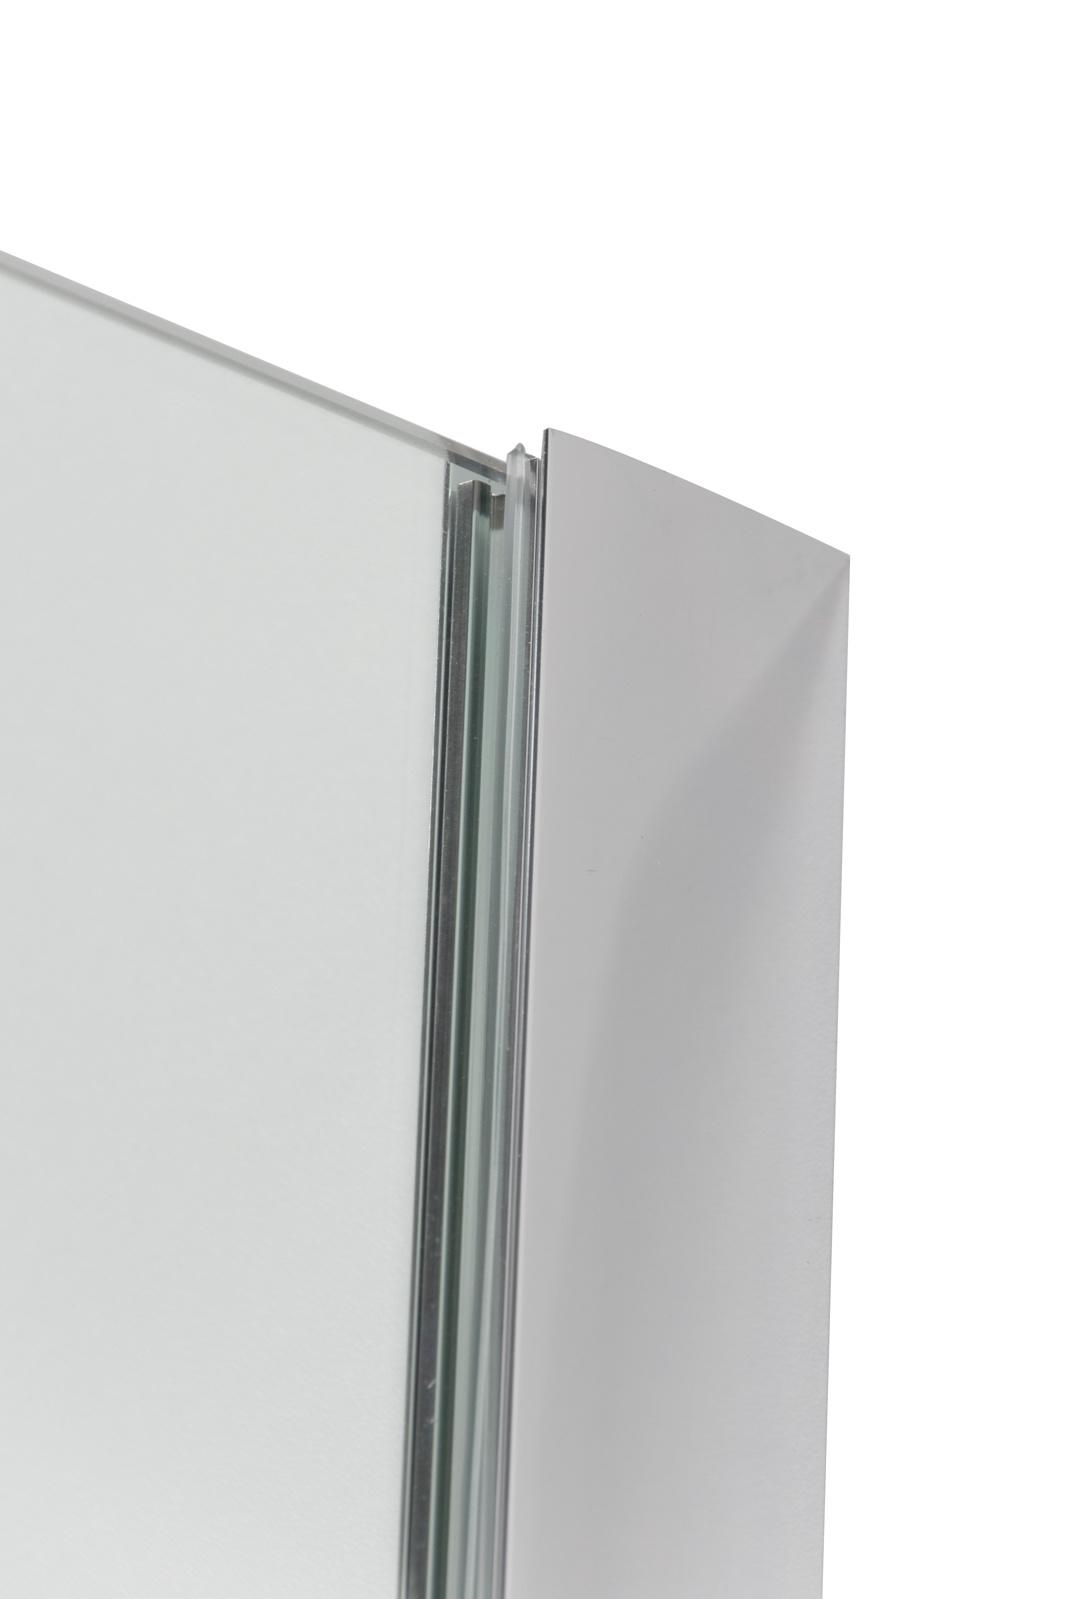 Inloopdouche Linea Uno 130 x 200 cm